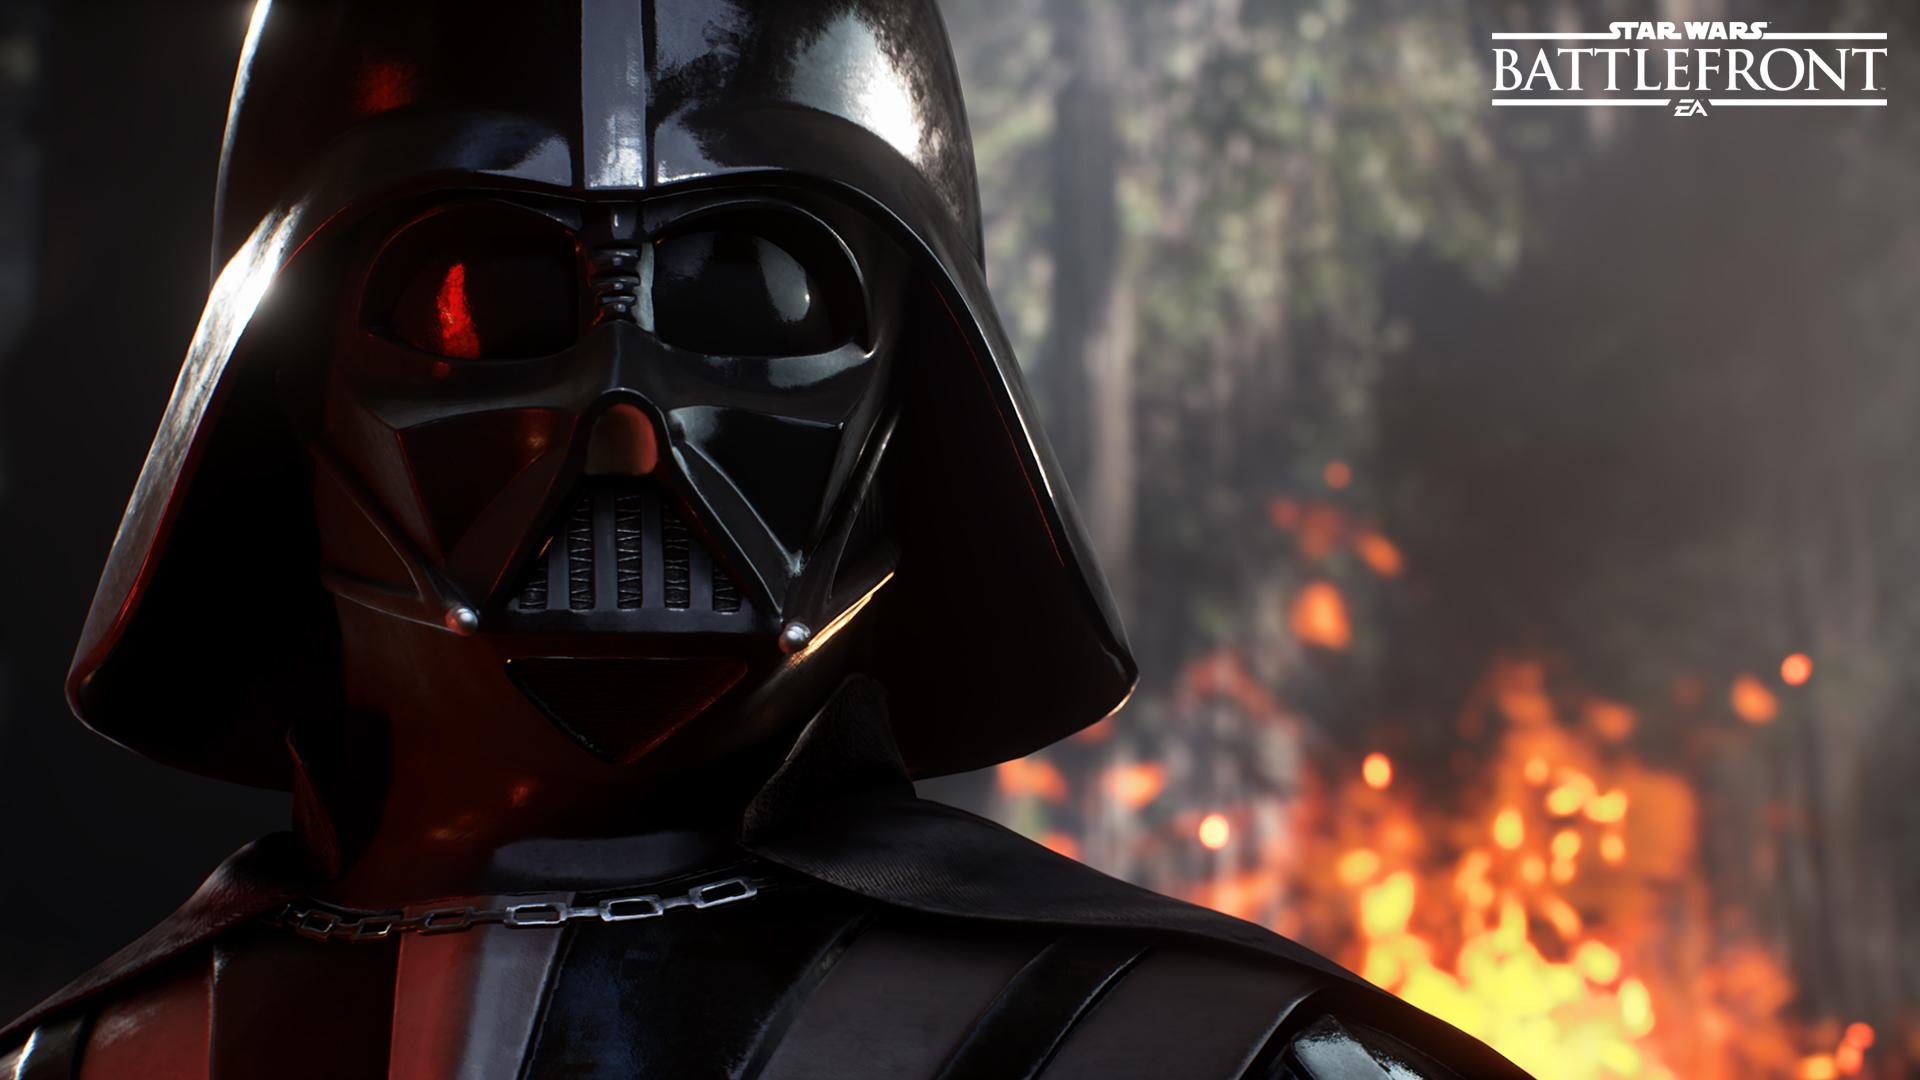 Star Wars: Battlefront. 80 godzin, 50 rang i kilkadziesiąt osiągnięć później – recenzja Spider's Web